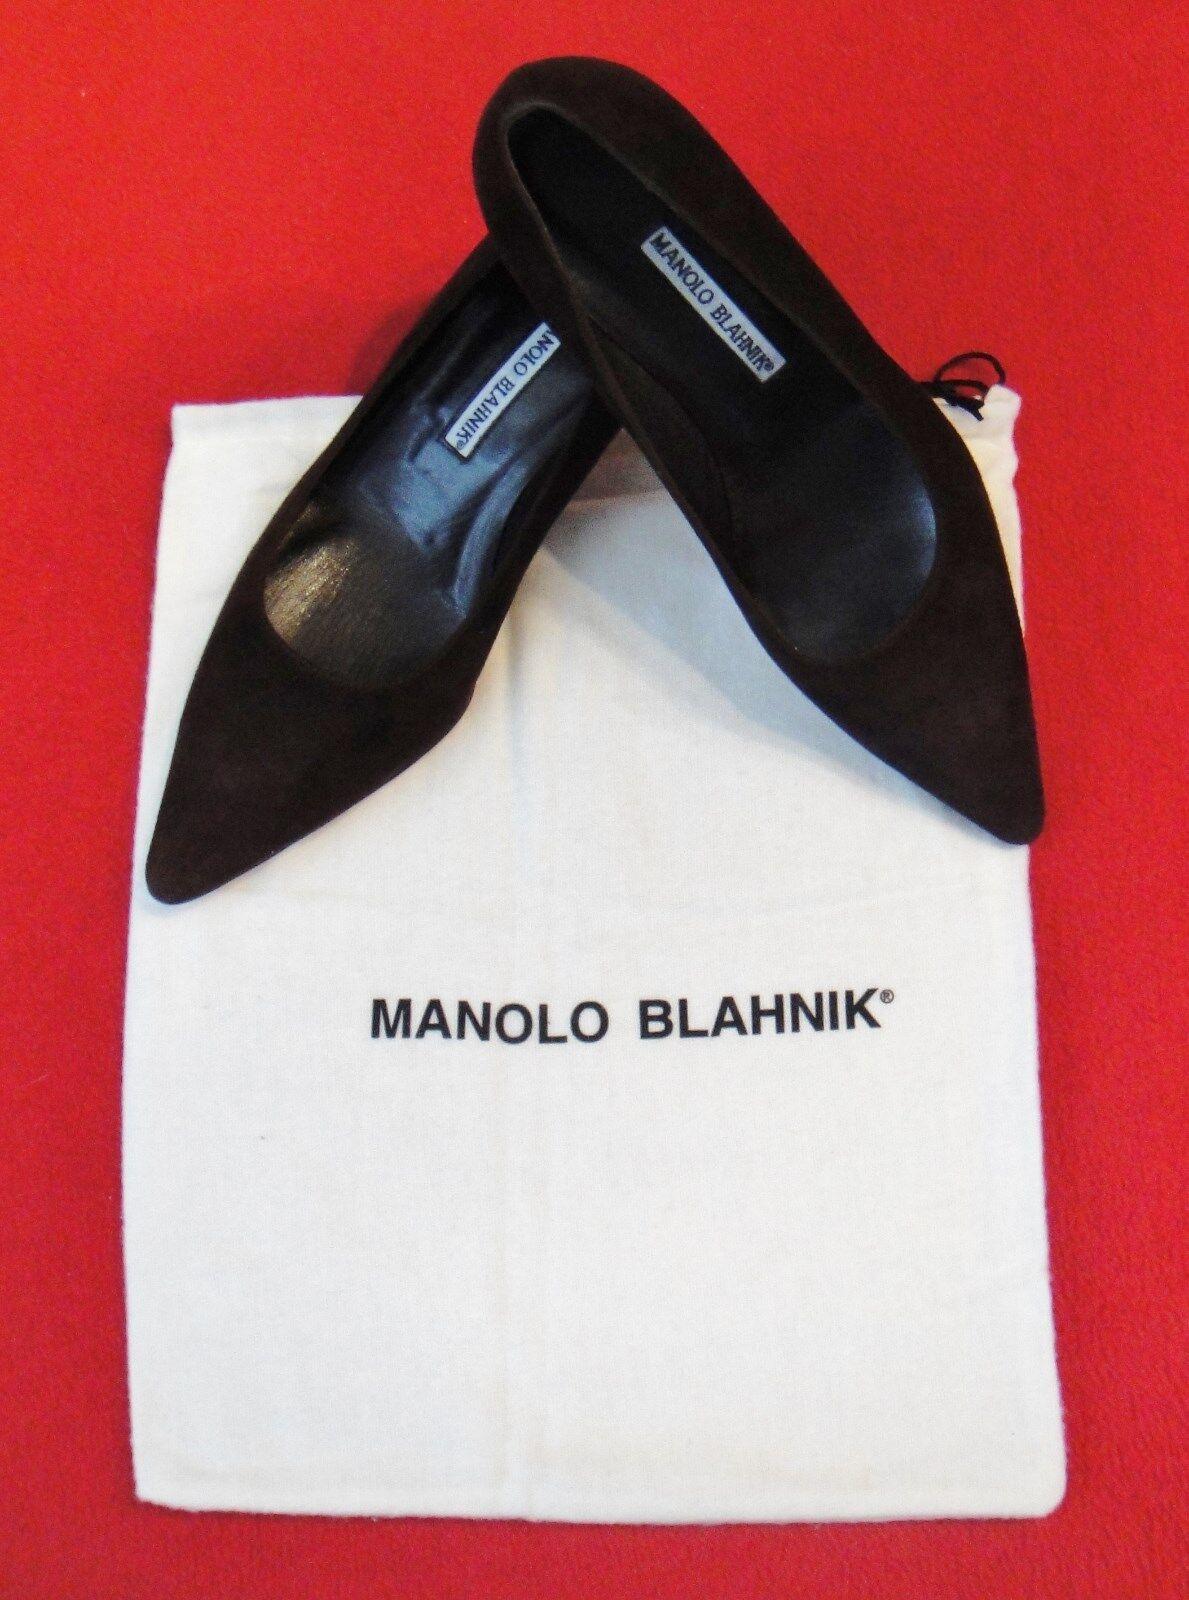 Nuevo Nuevo Nuevo Manolo Blahnik ante marrón oscuro cuero Salón Tacón Medio Talla 37, EE. UU. 6.5 - Italia  gran venta